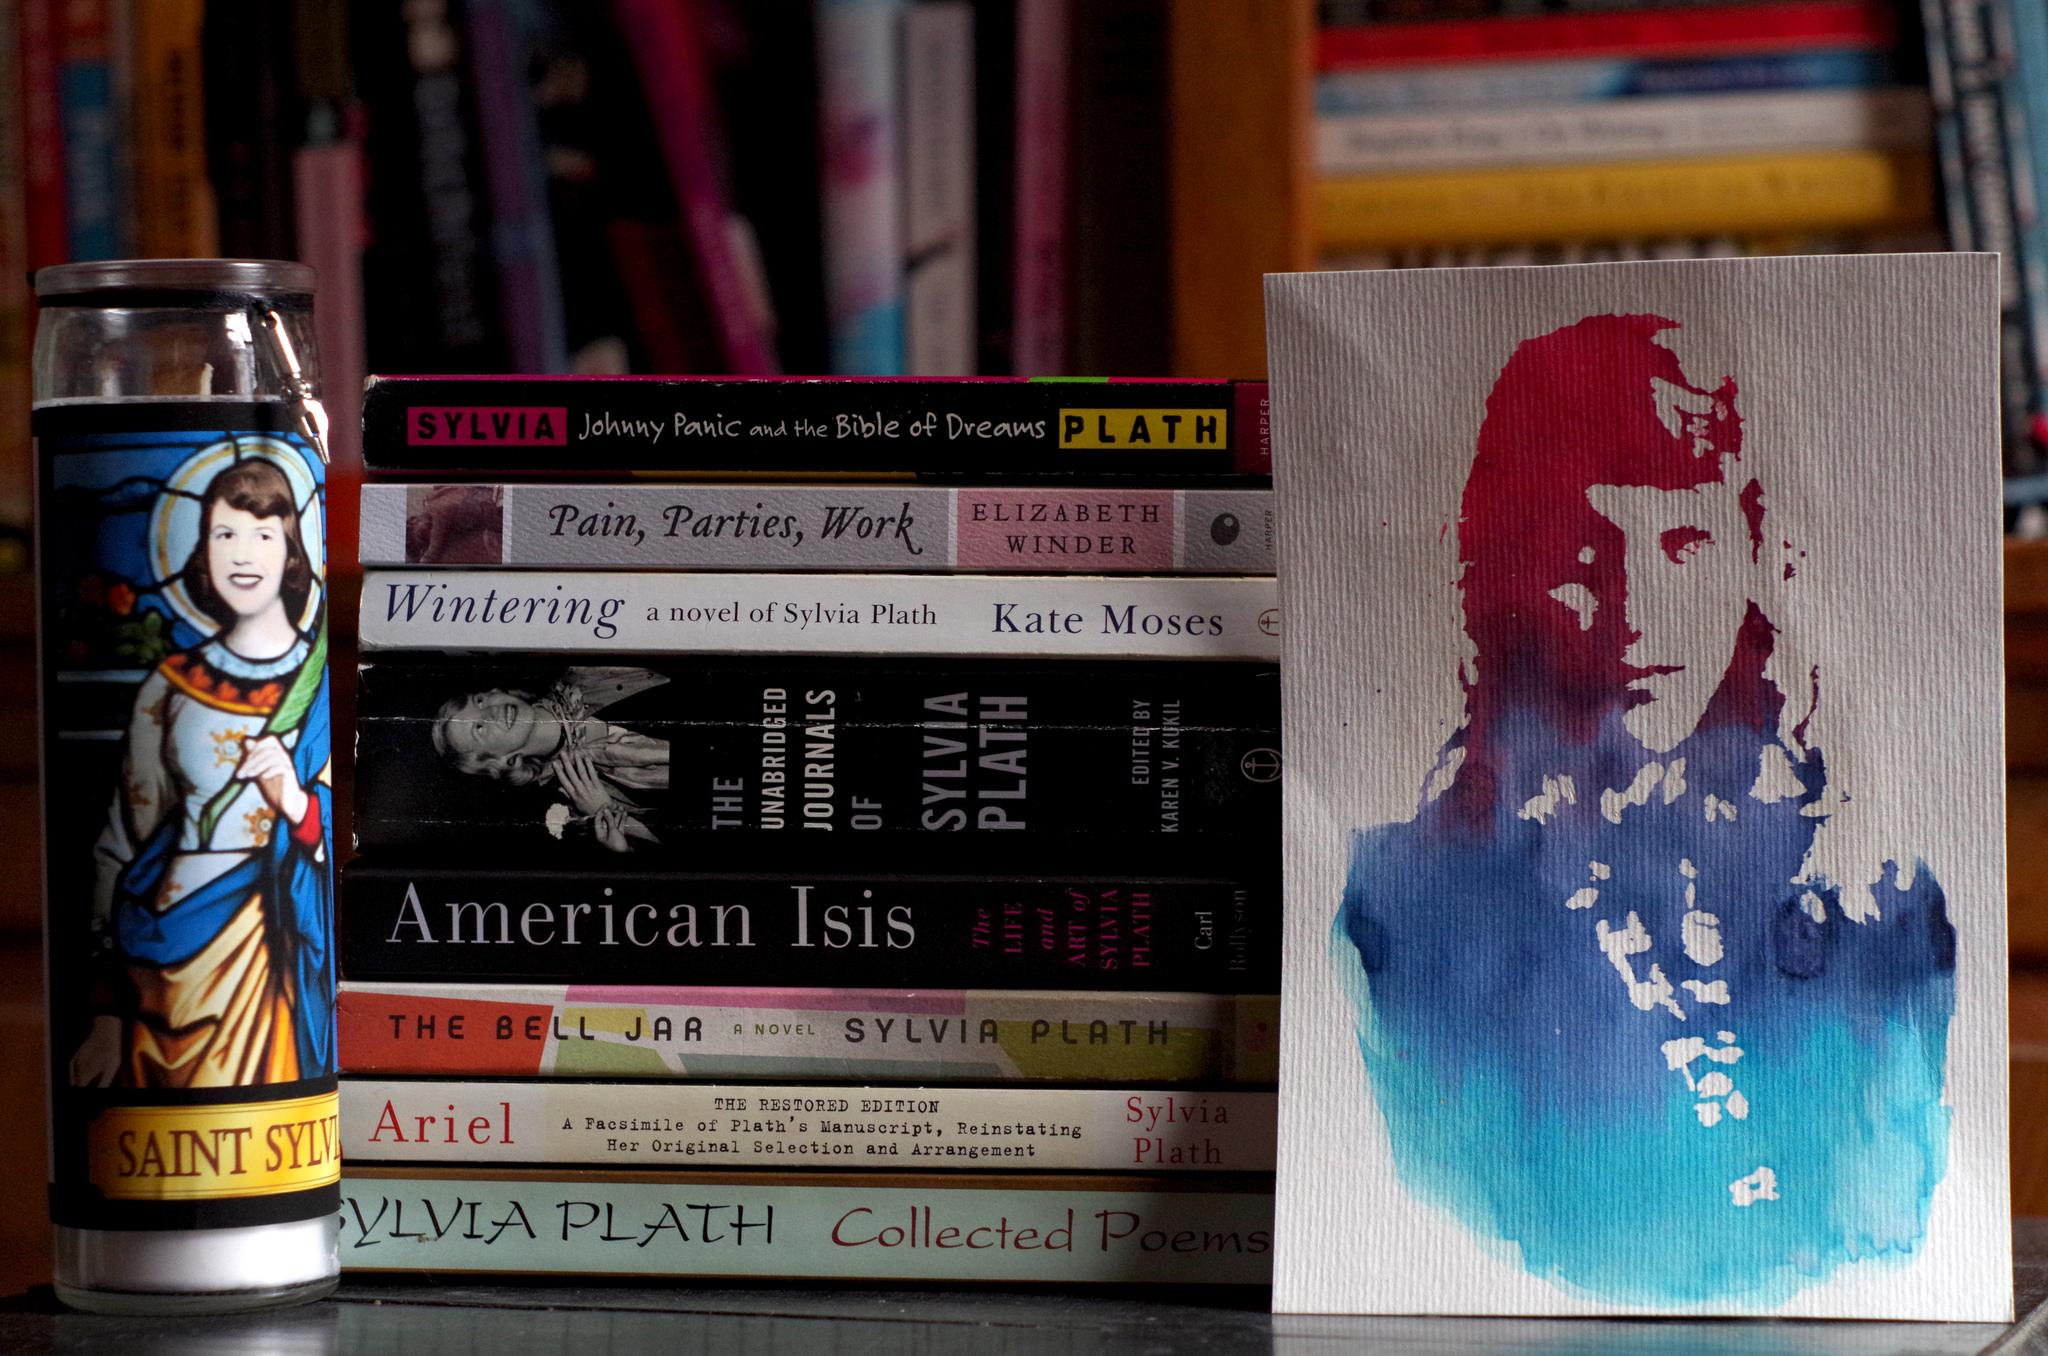 Reflexiona con un poema de Sylvia Plath